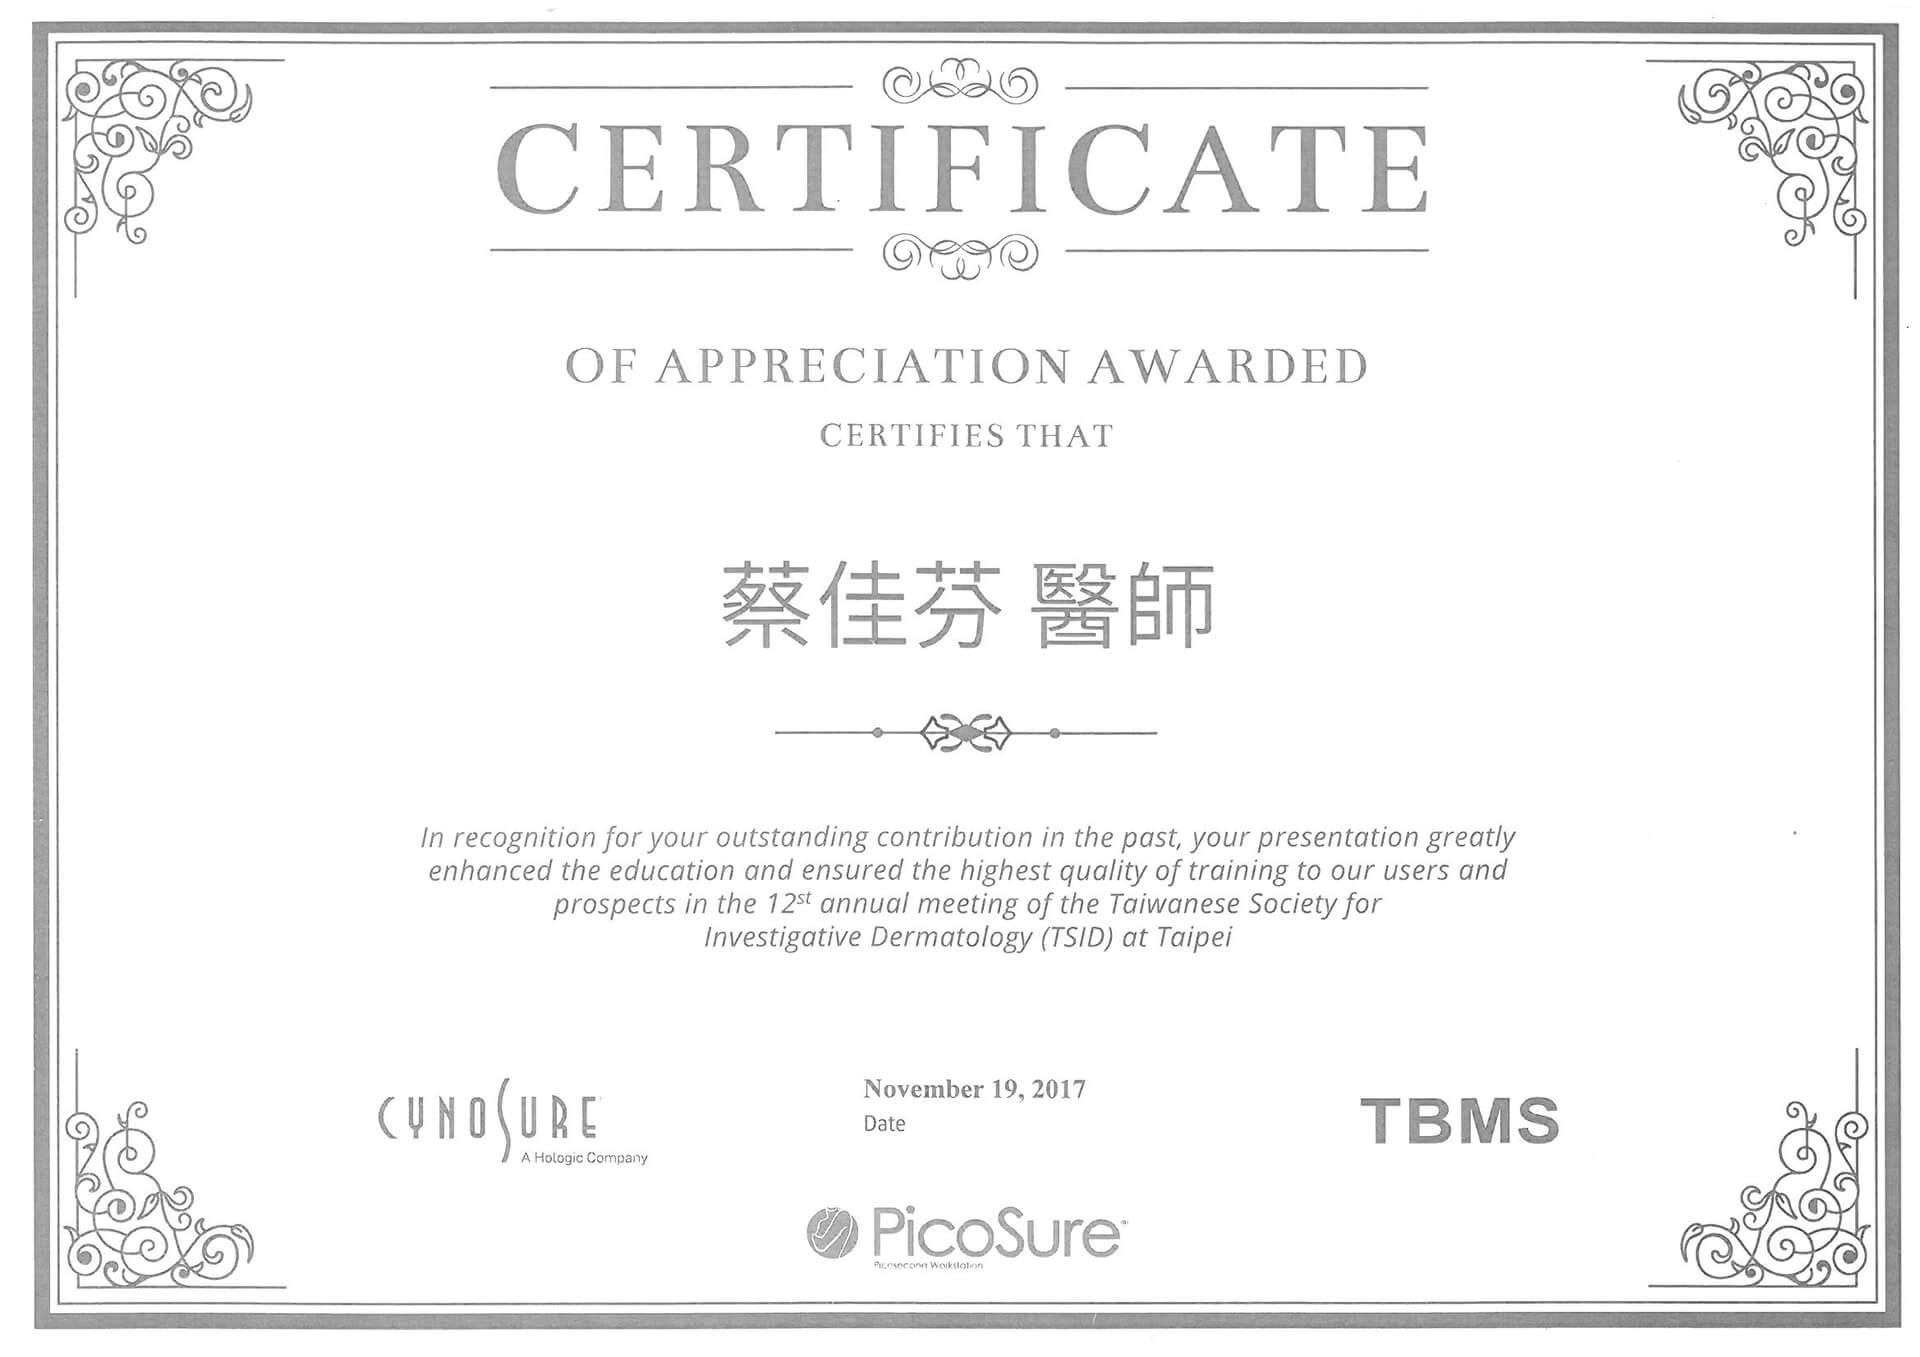 蔡佳芬-Picosure(755)-2017